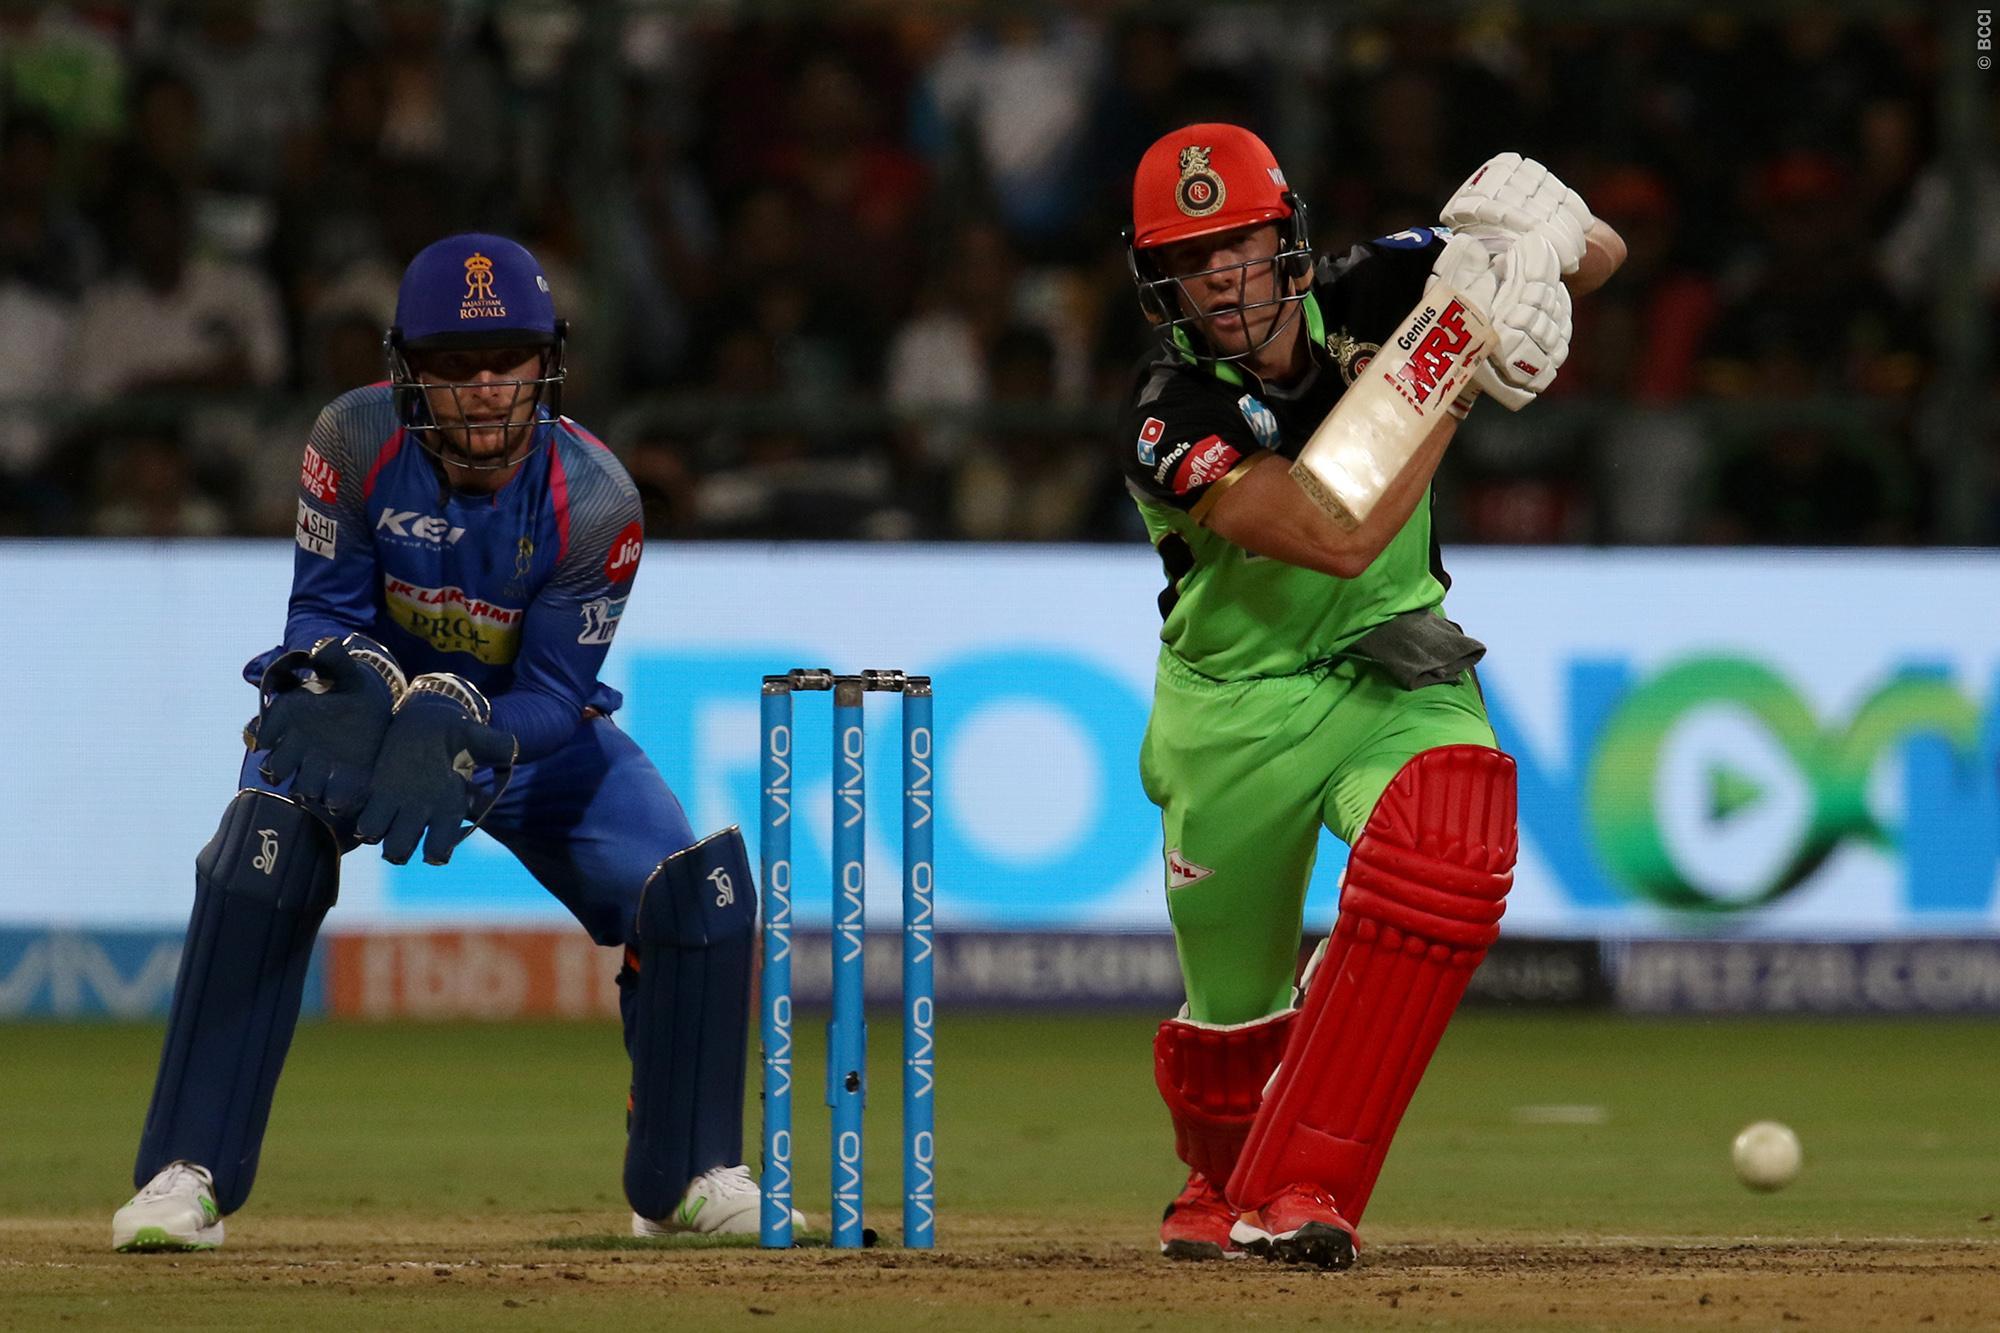 आश्चर्यजनक: विराट कोहली नहीं, बल्कि राजस्थान रॉयल्स के इस खिलाड़ी की बल्लेबाजी देख अपने खेल में सुधार लाये है डीविलियर्स